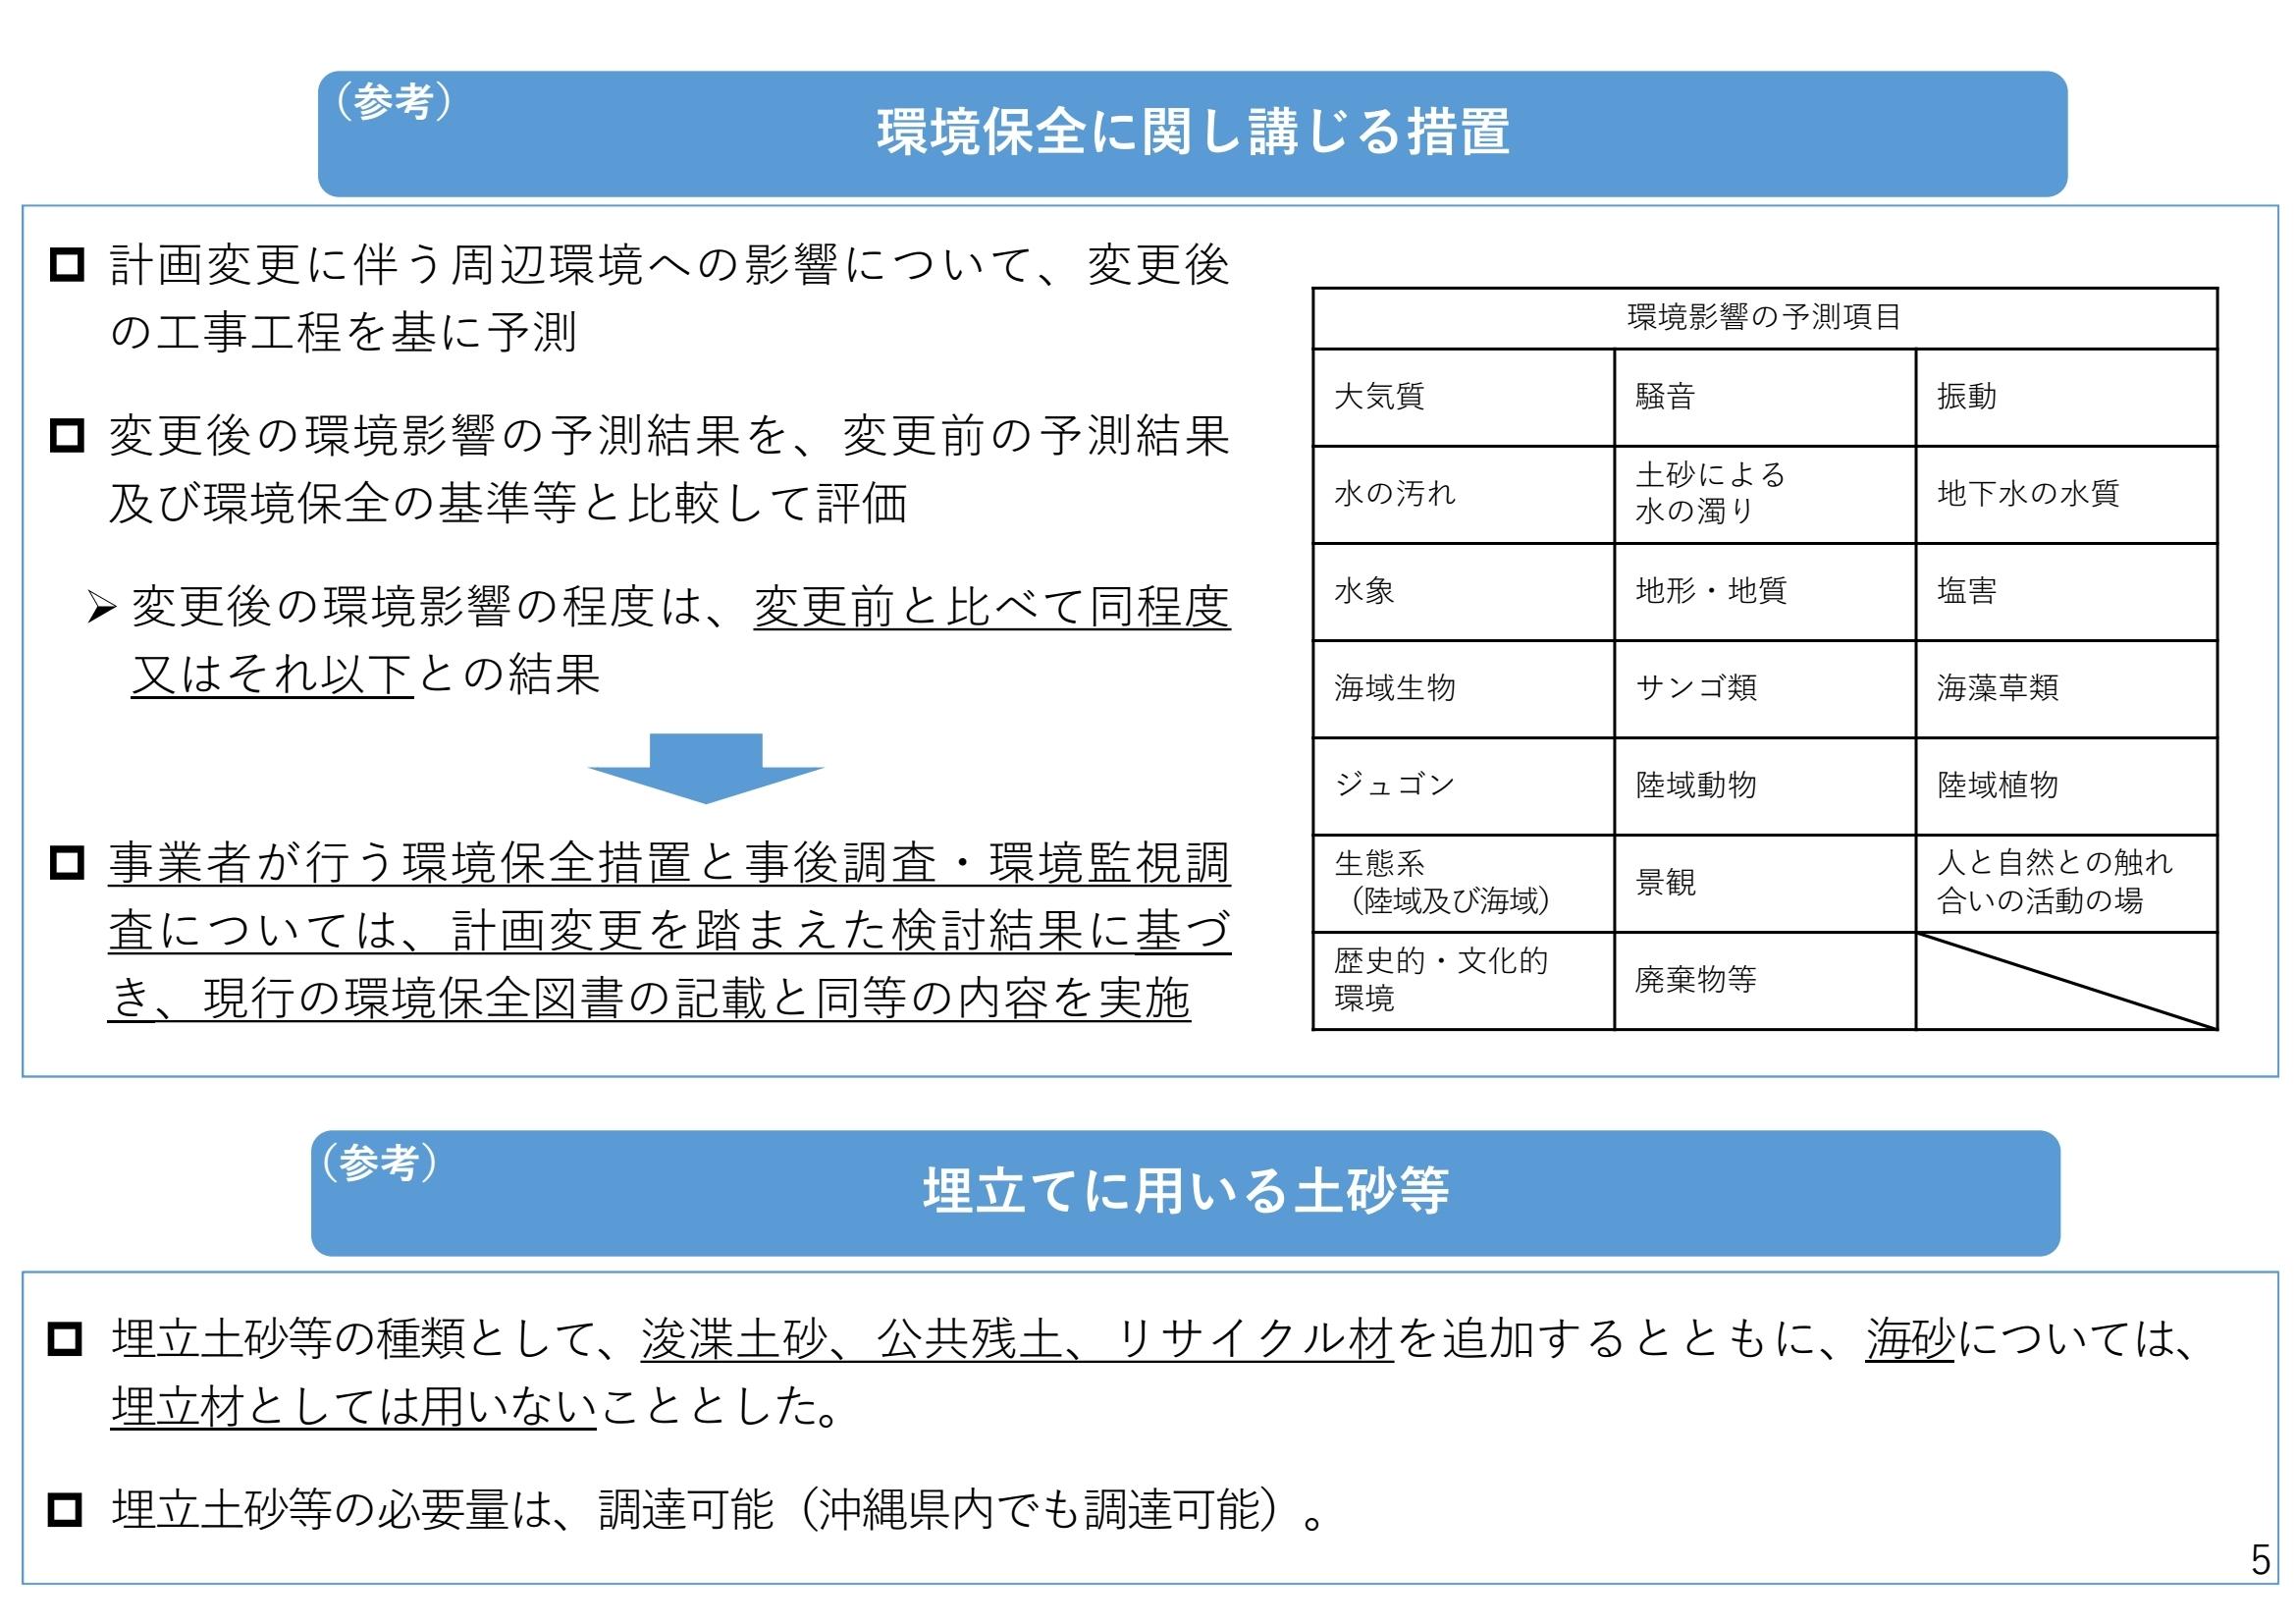 普天間飛行場代替施設建設事業 公有水面埋立変更承認申請の概要05